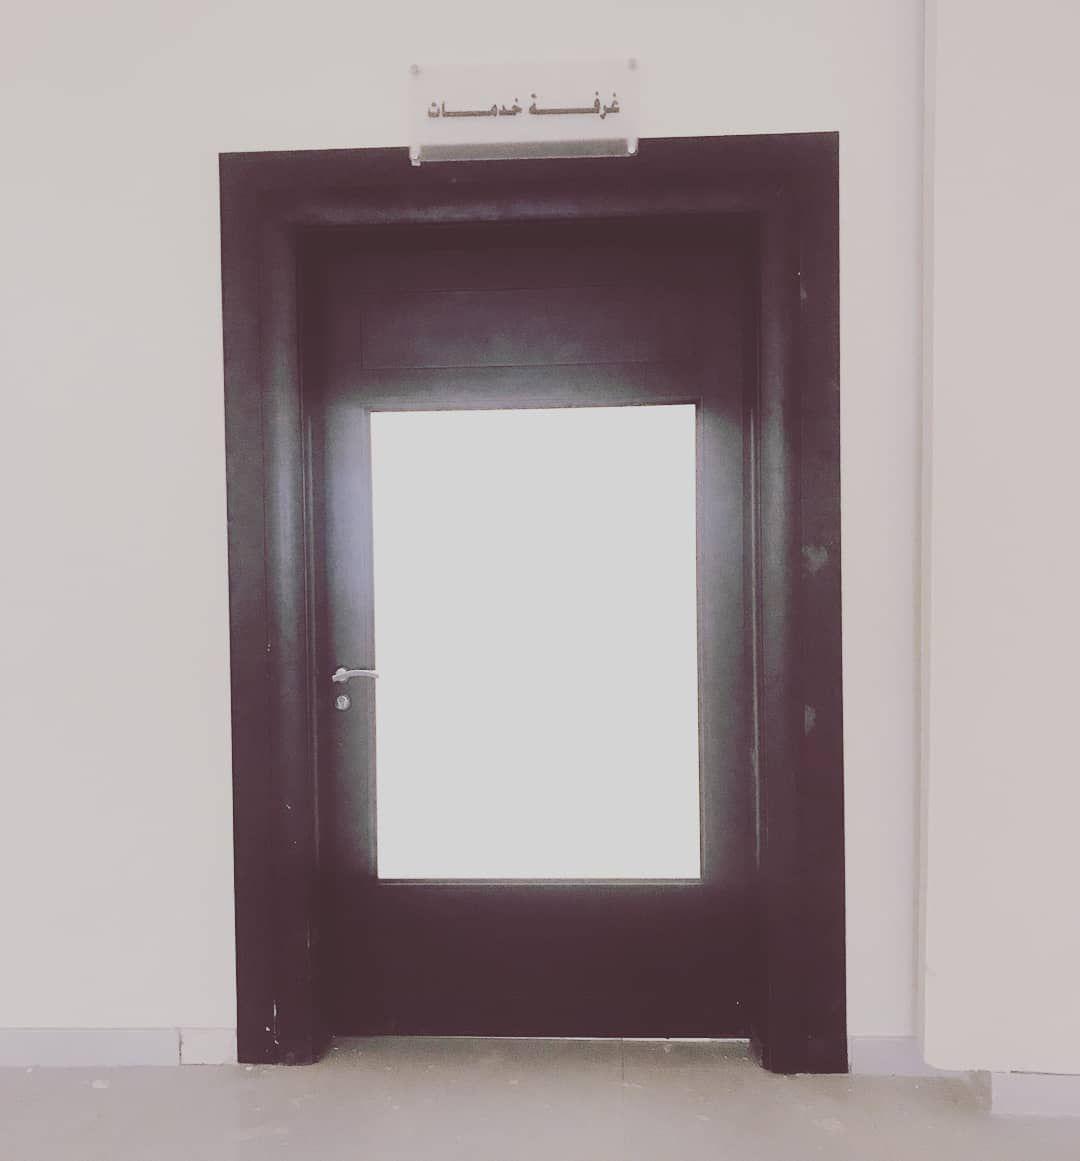 العصرية هي لغتنا في كل بناء و الجودة شعارنا شاركنا الجديد في عالم الأبواب فنحن جزء كبير من ديكوراتك فريق التسويق 055067 Home Decor Medicine Cabinet Decor